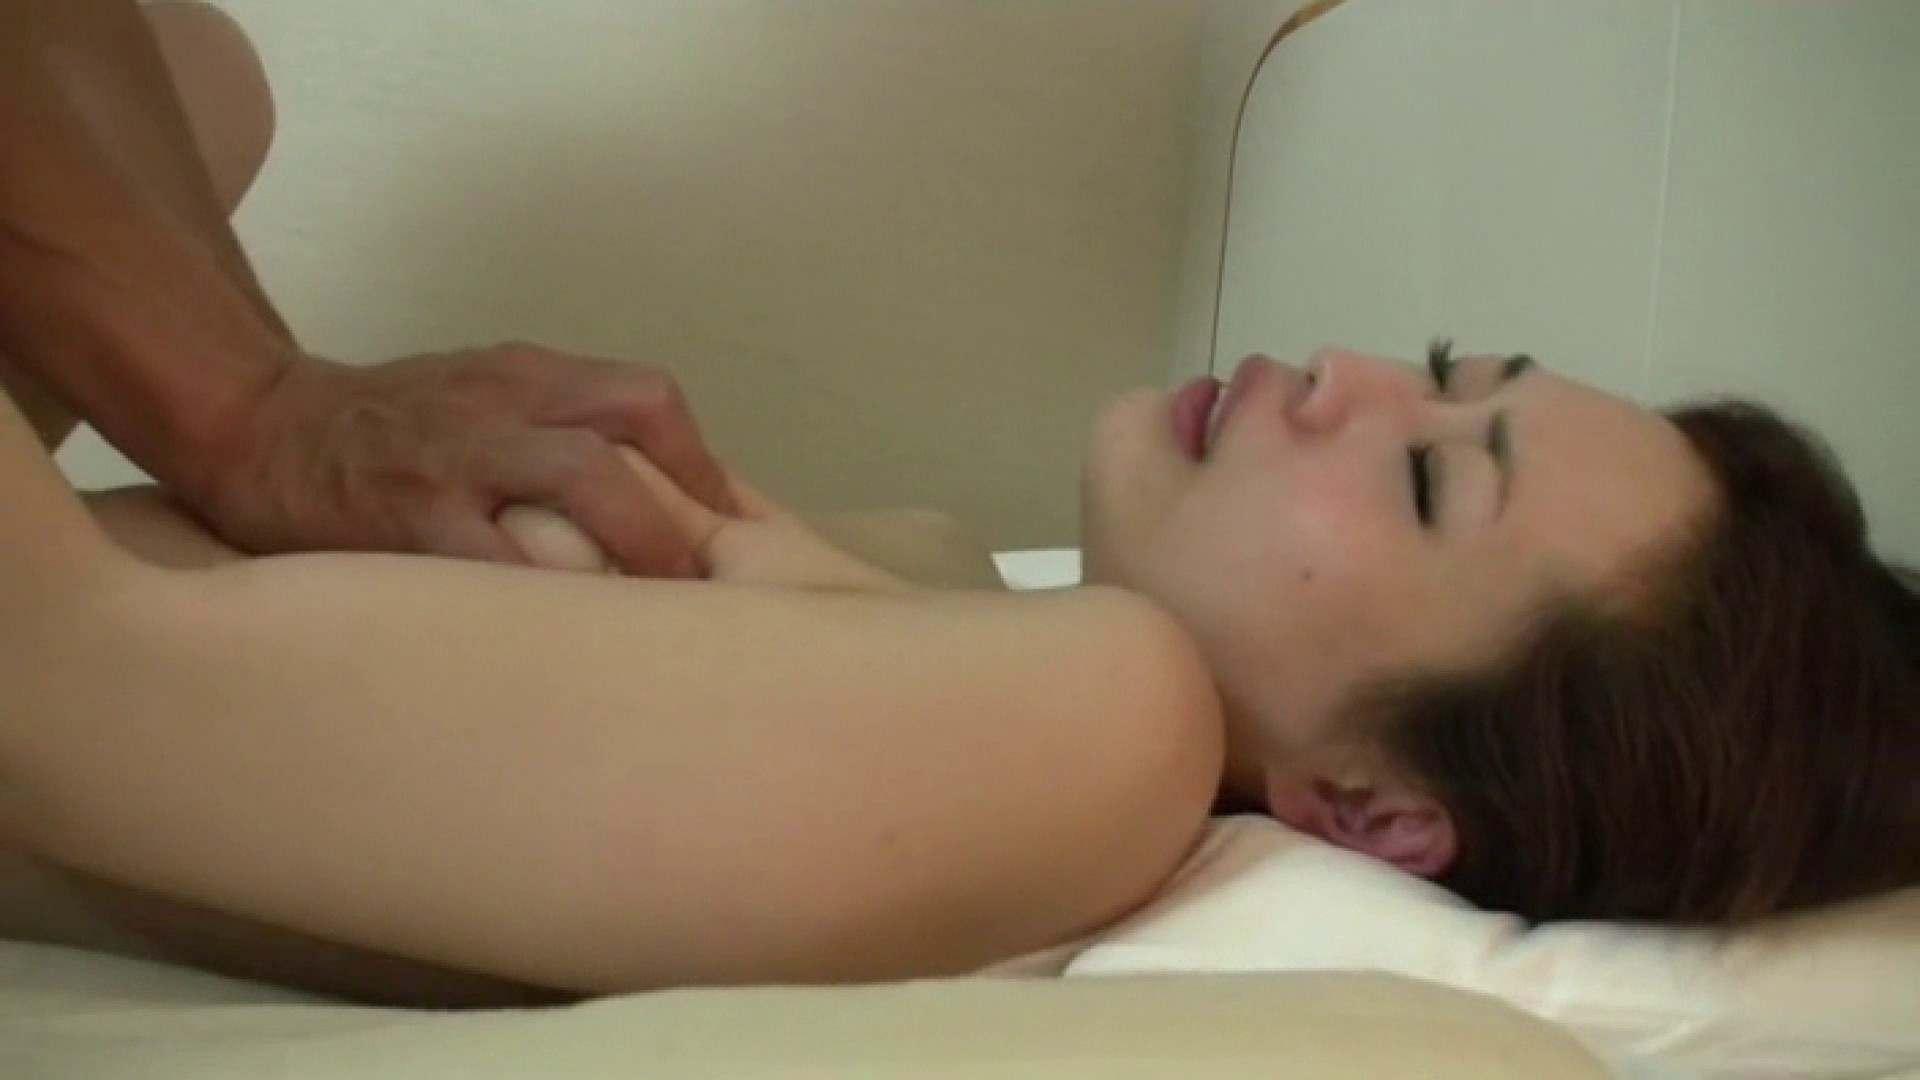 おしえてギャル子のH塾 Vol.34後編 ギャルのエロ動画 AV無料動画キャプチャ 52pic 47